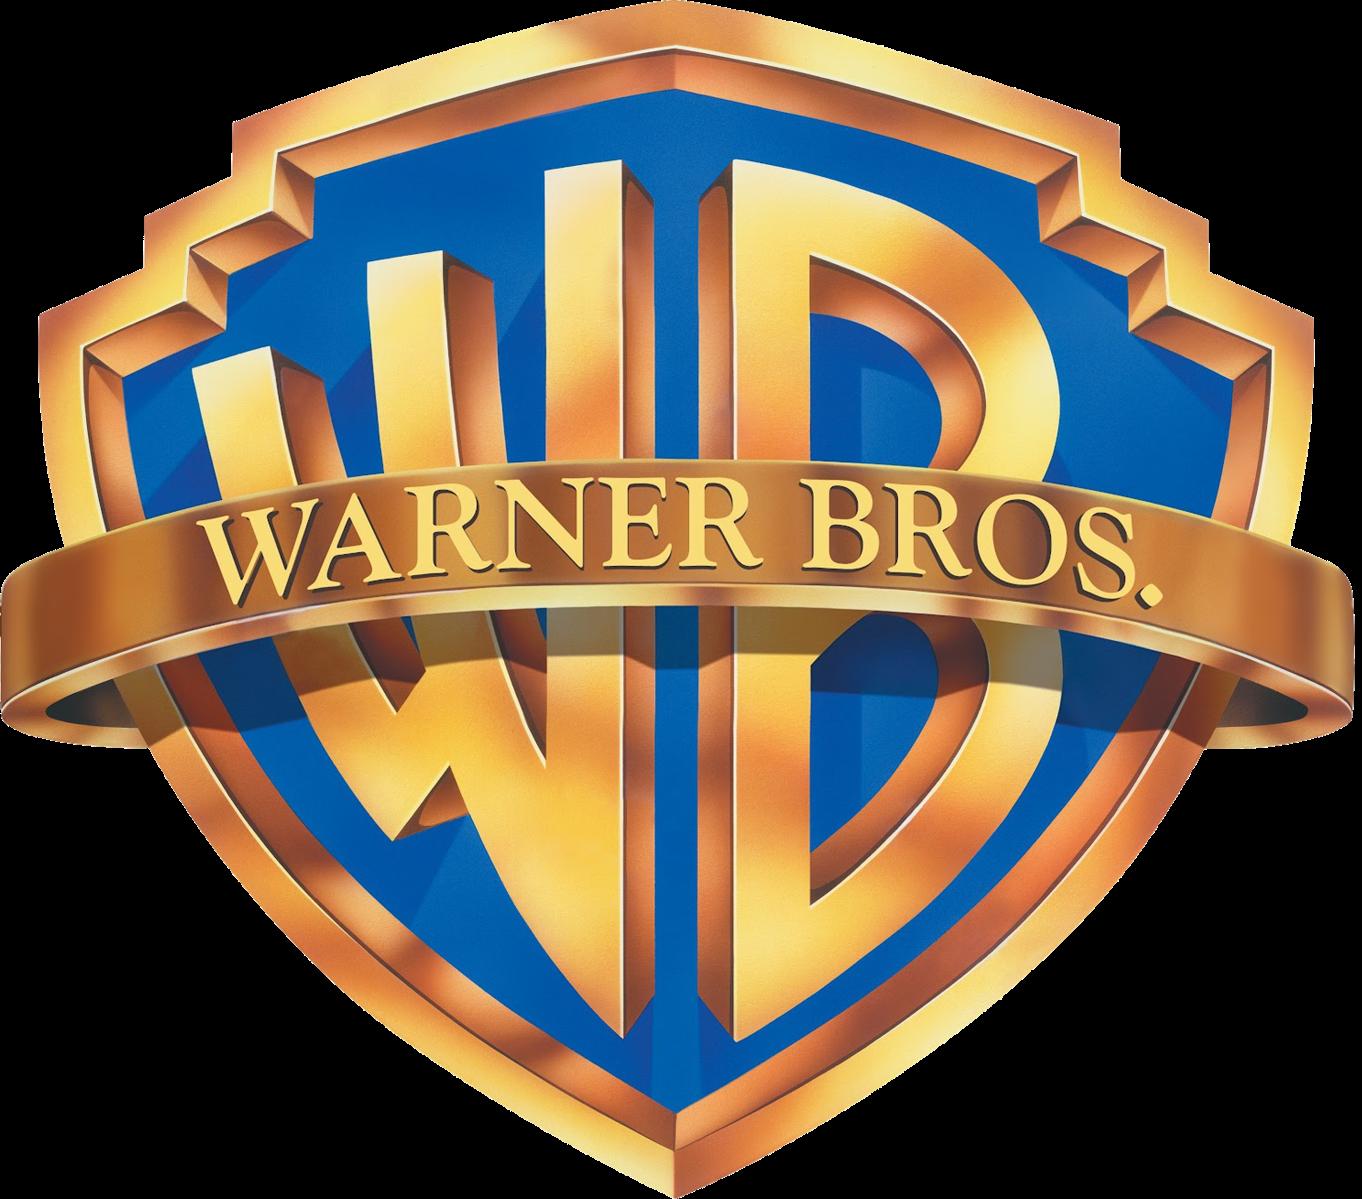 Warner Bros. | Warner Bros. Entertainment Wiki | FANDOM ... - photo#14